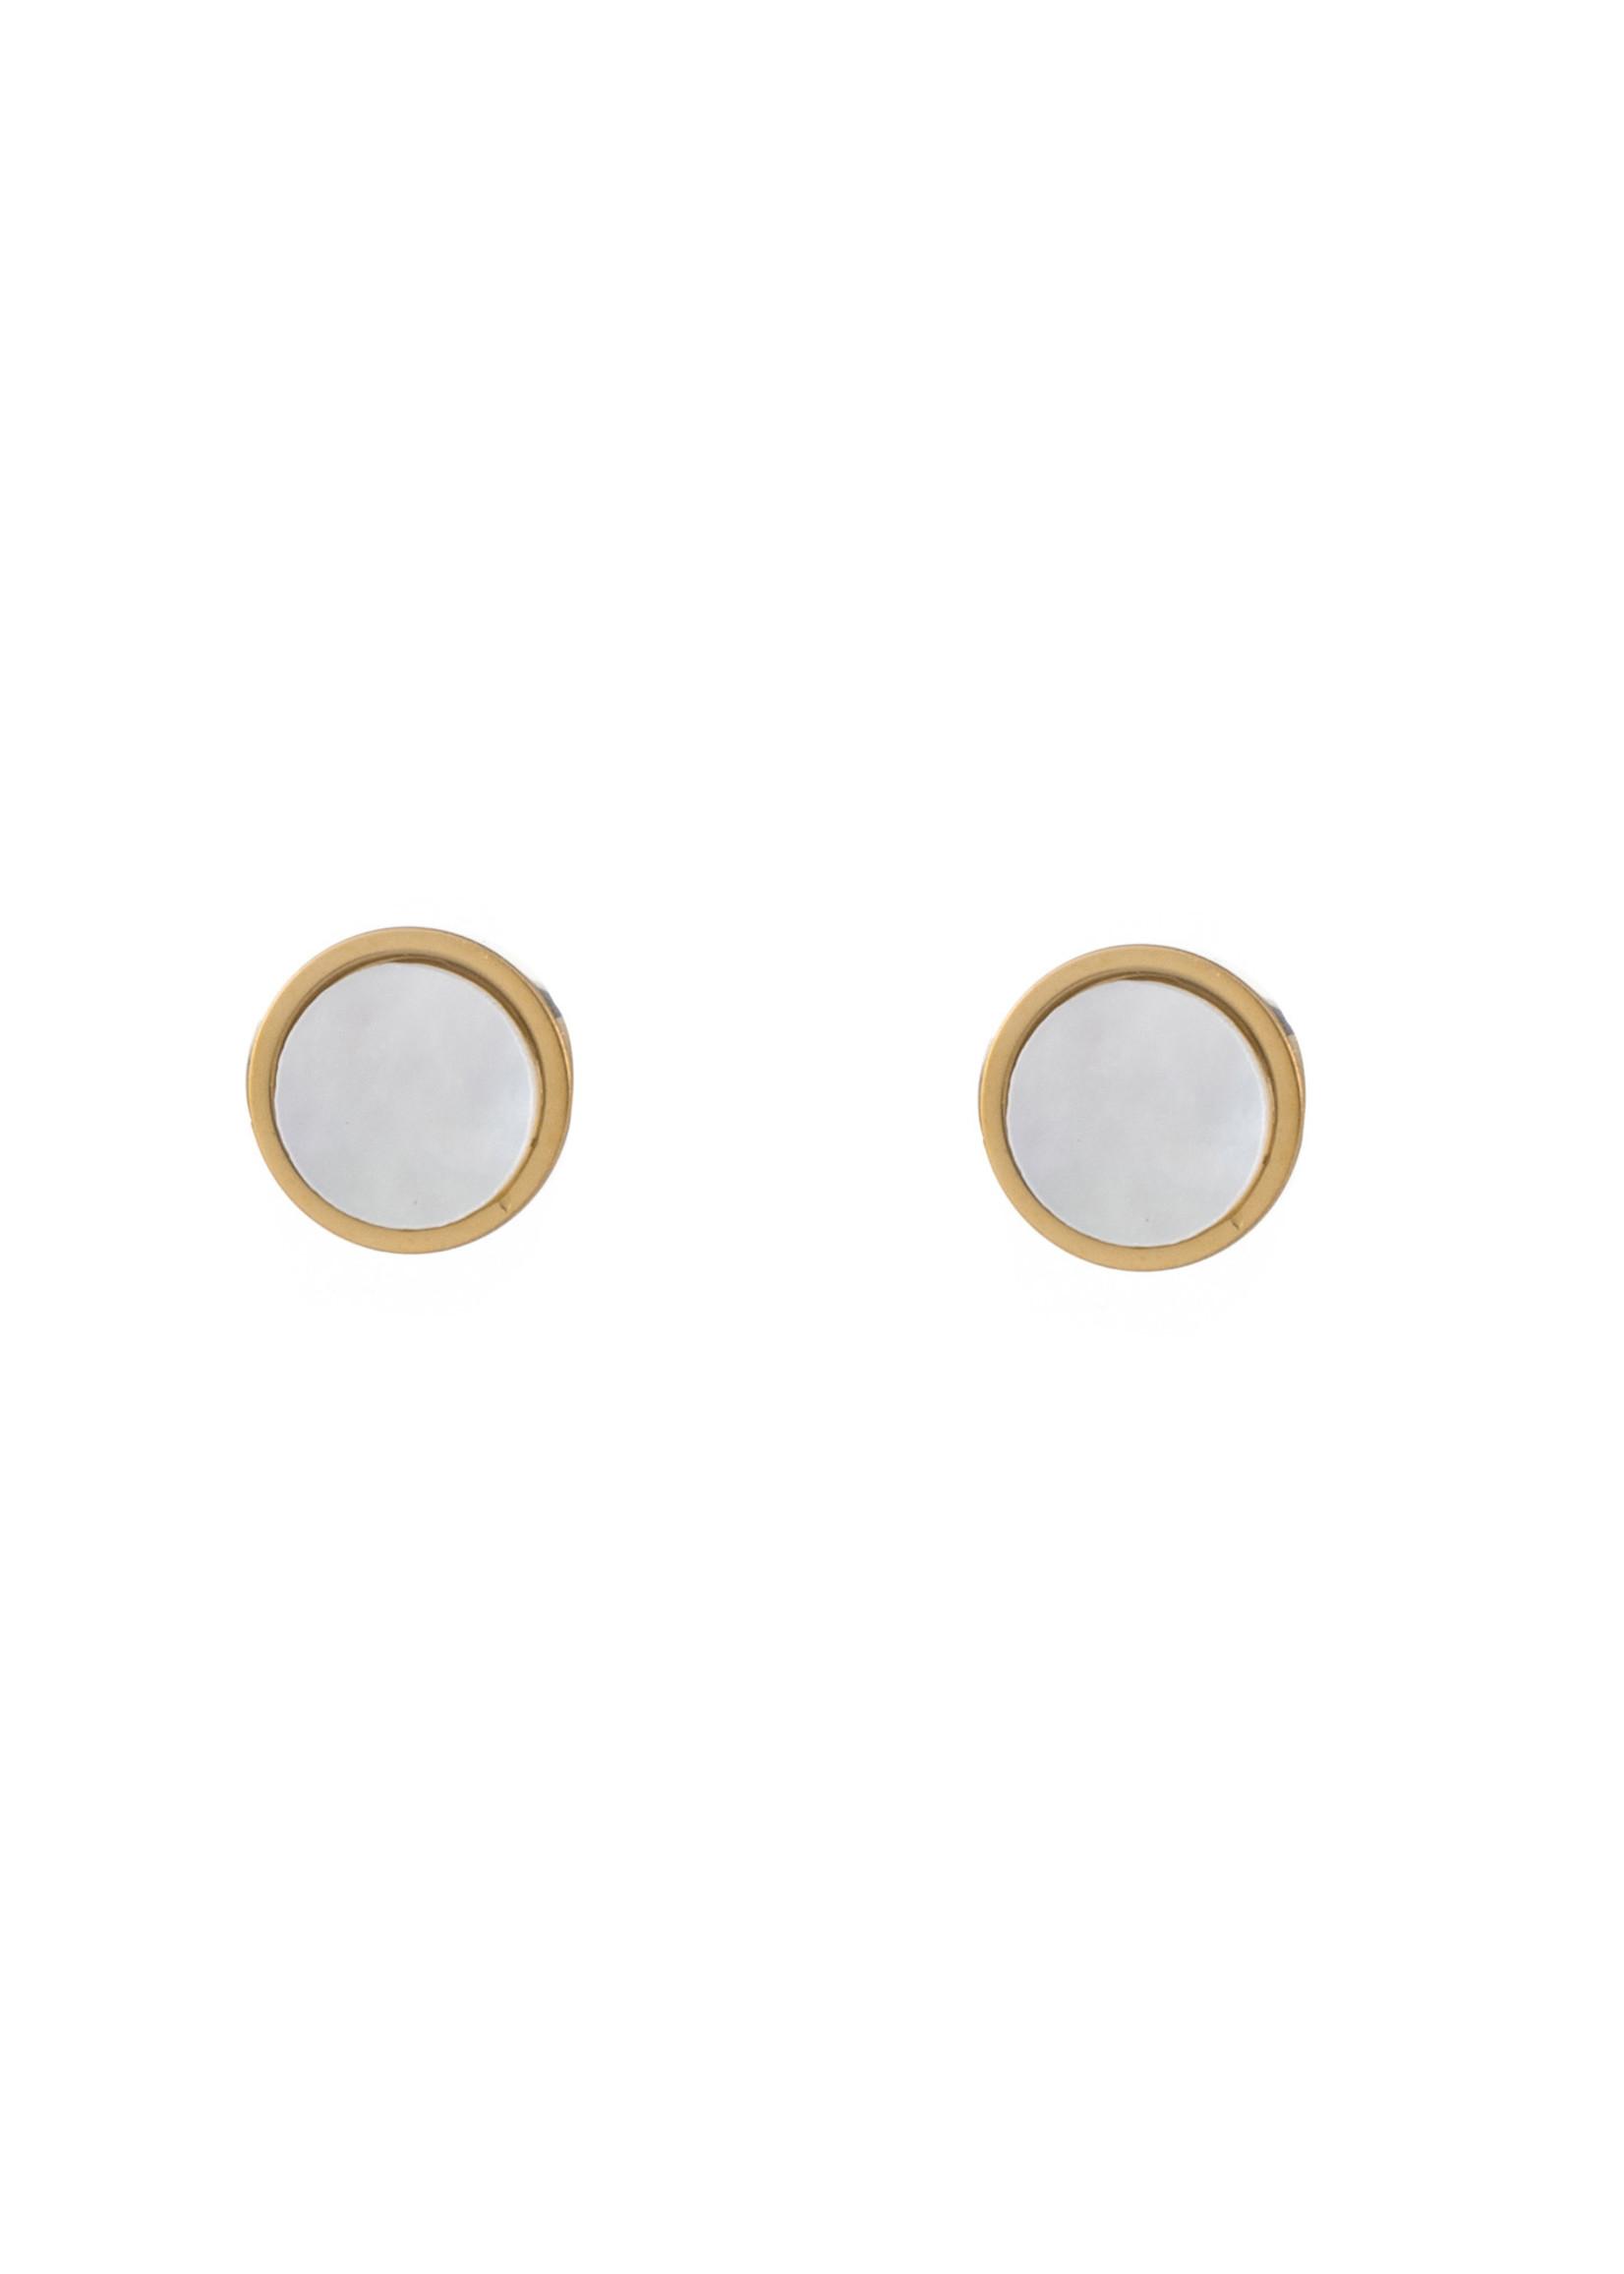 Oorbel goud met parel E1265-4